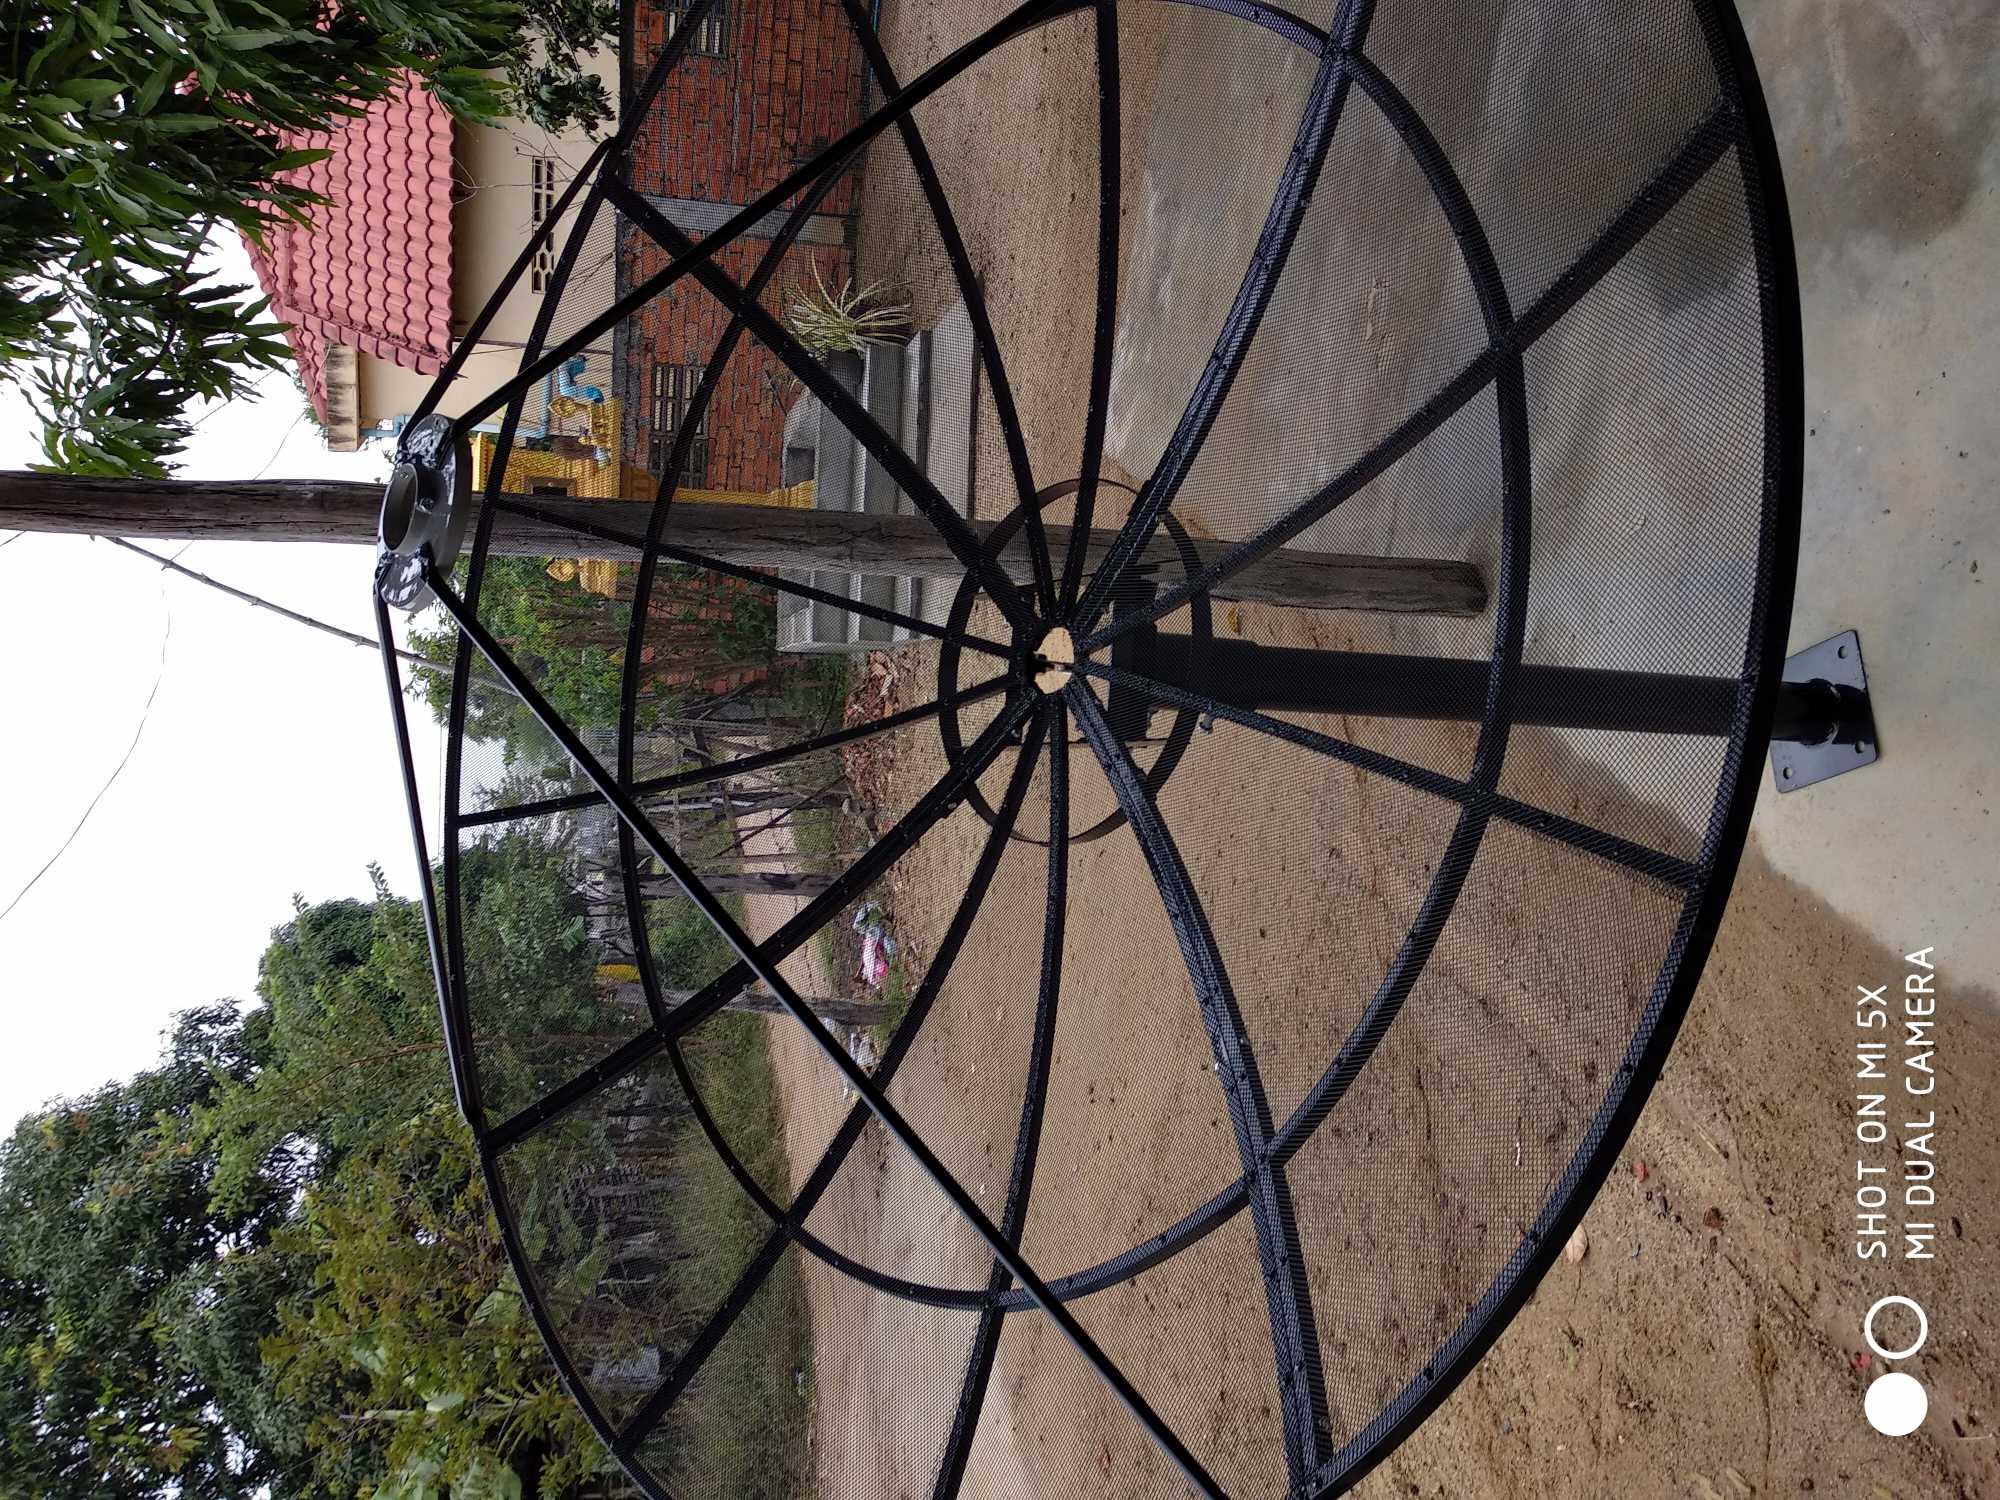 卫星电视锅盖安装及维修有需要的可以联系我电话0974432866